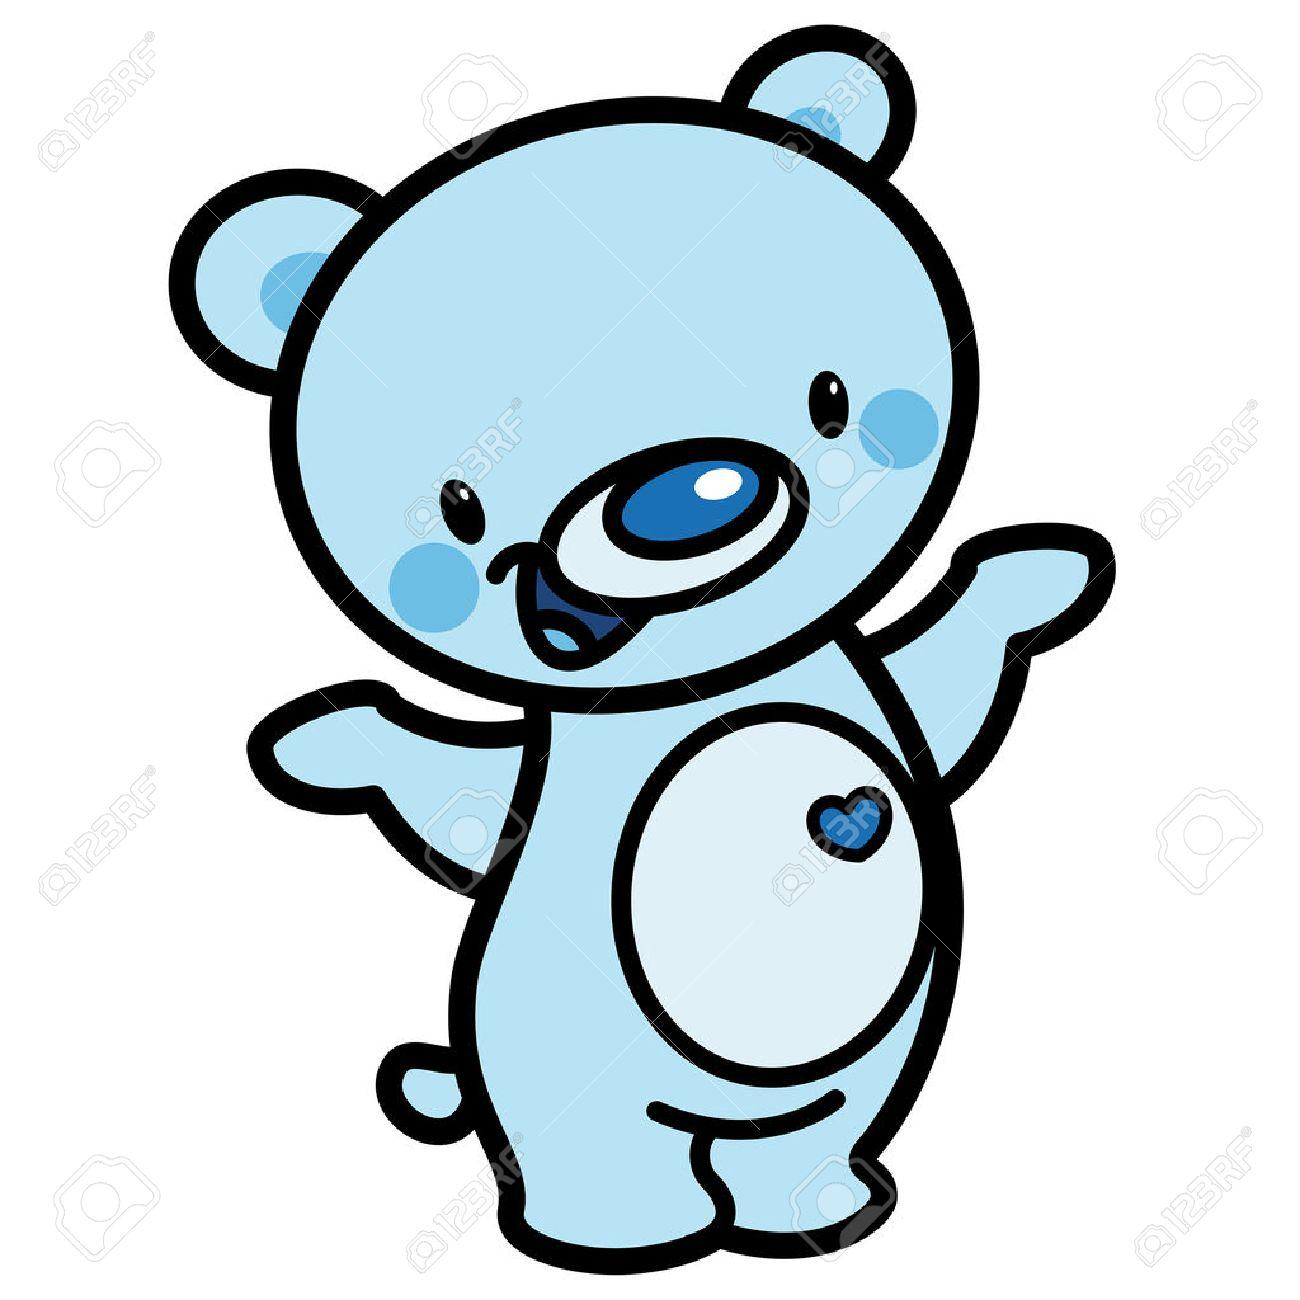 1300x1300 Cartoon Vector Cute Cyan Cheerful Adorable Teddy Bear With Heart